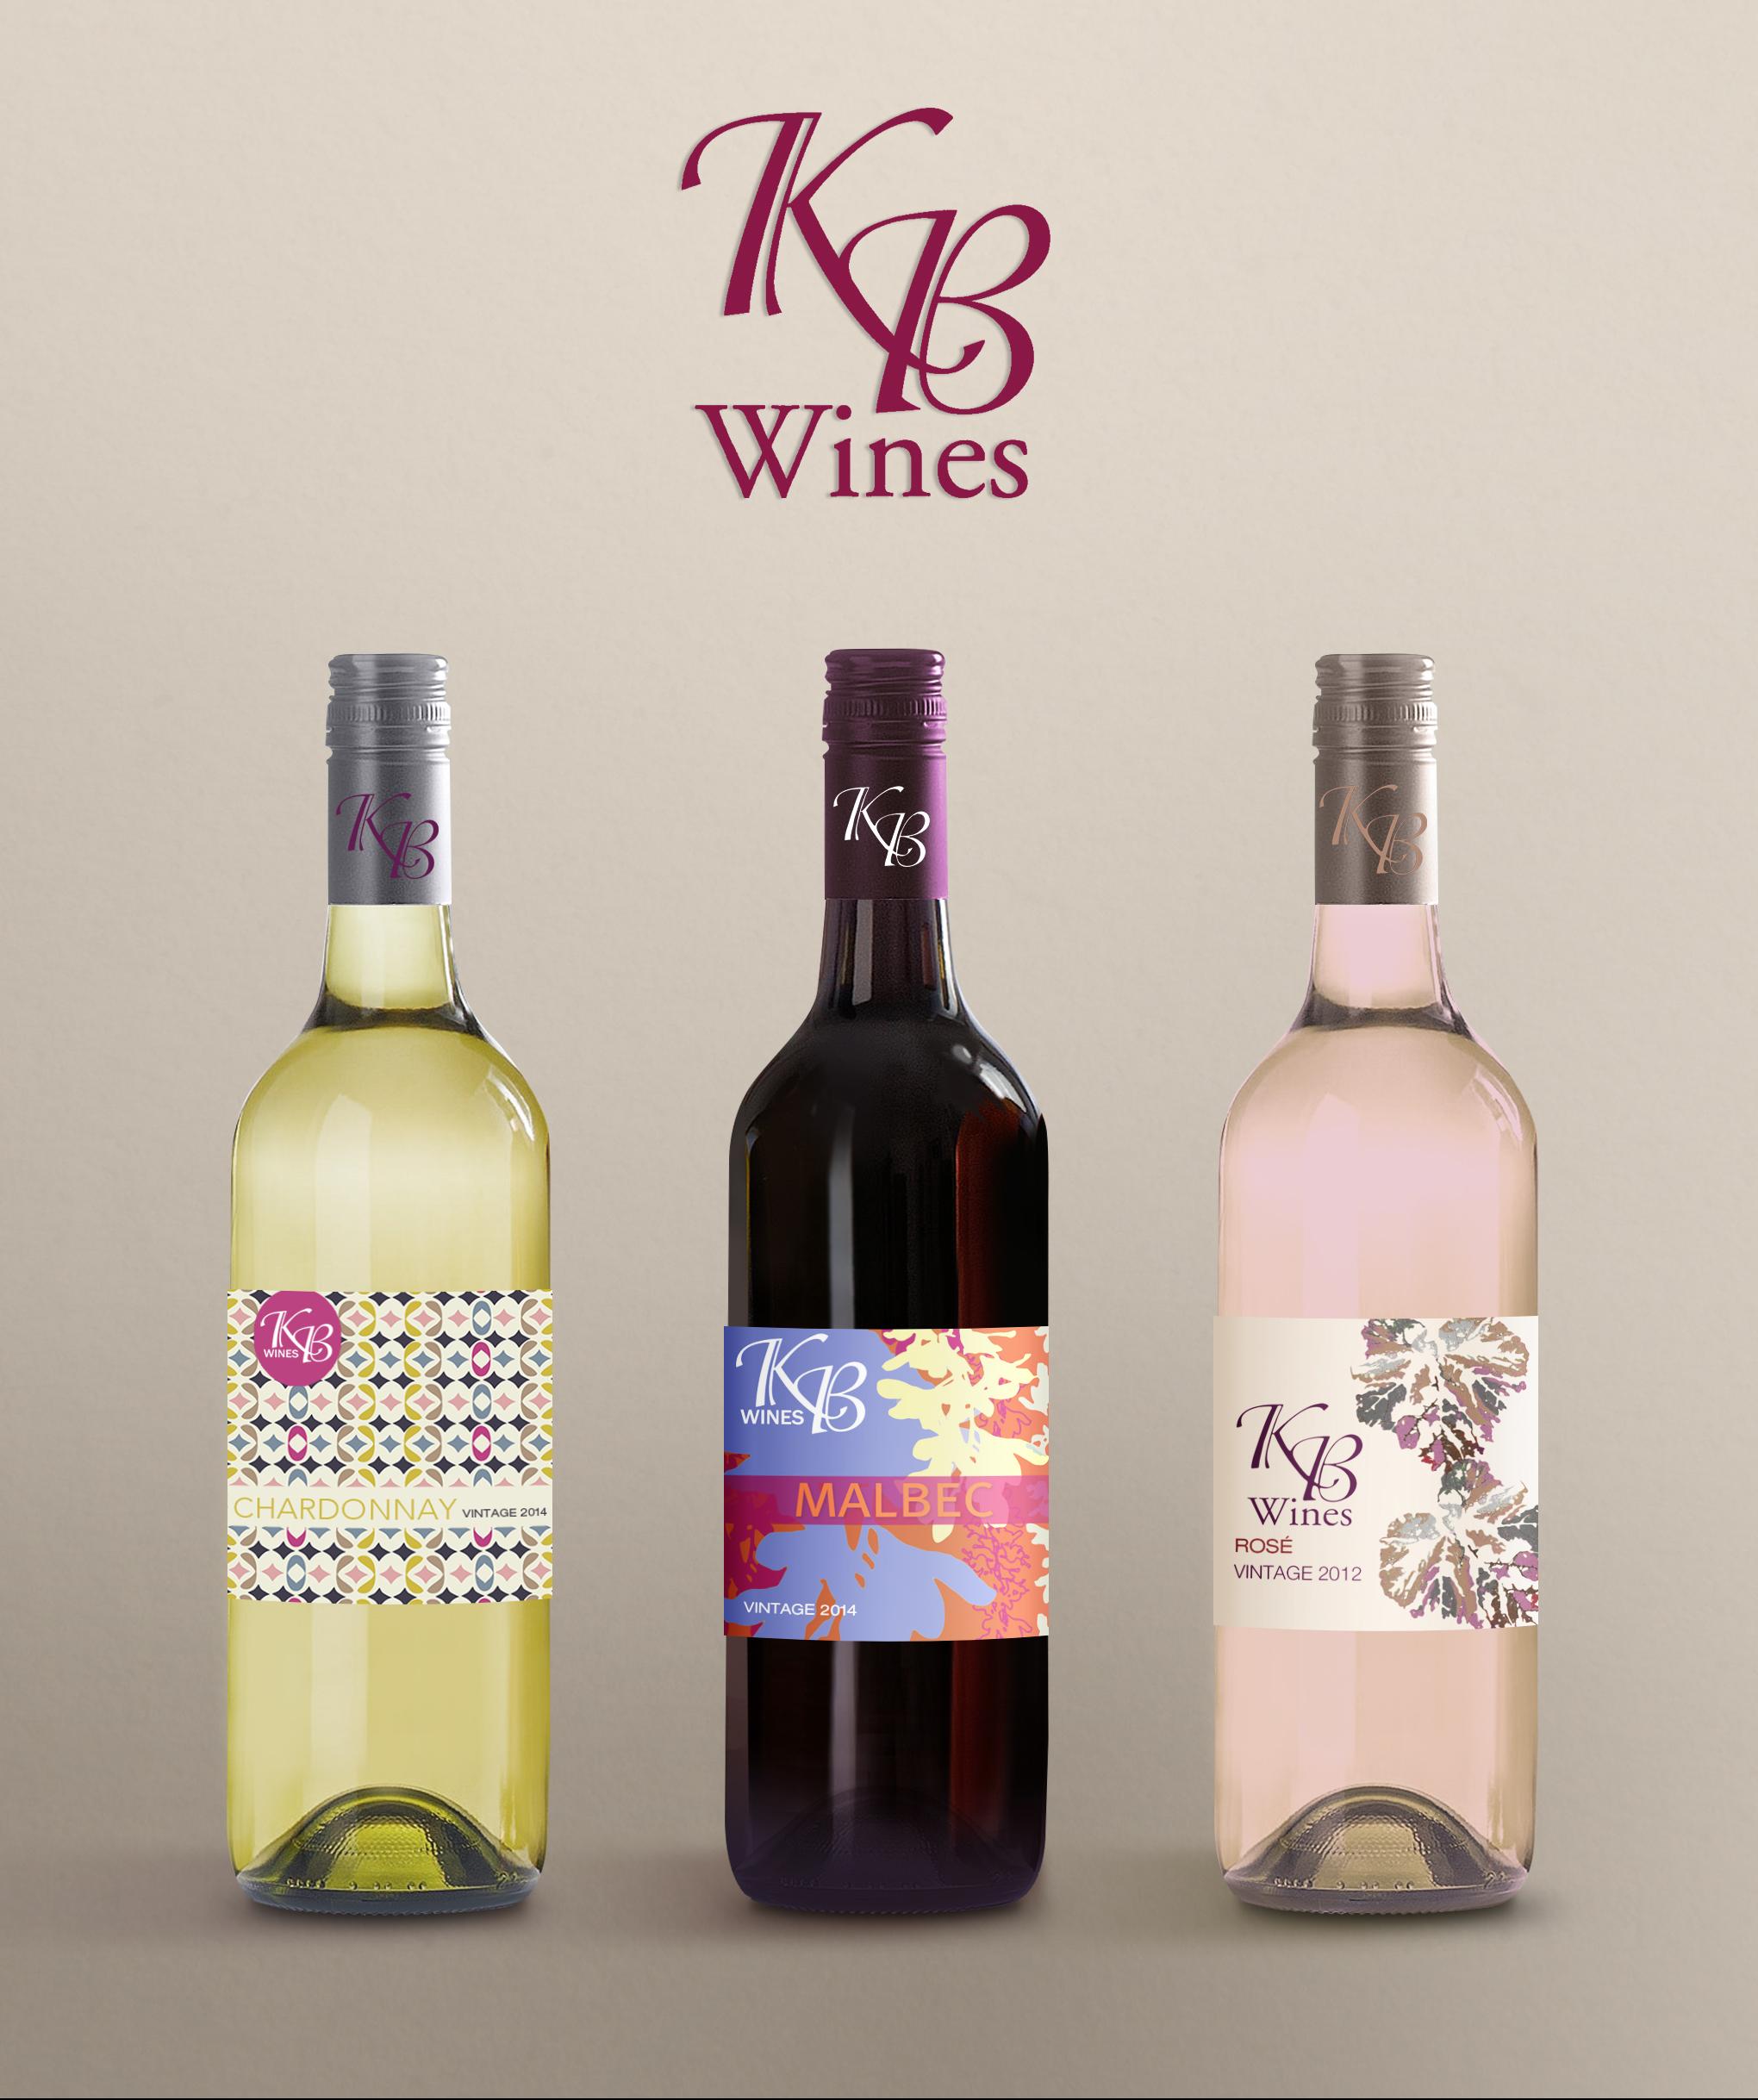 KB-Wines_3-bottles.jpg